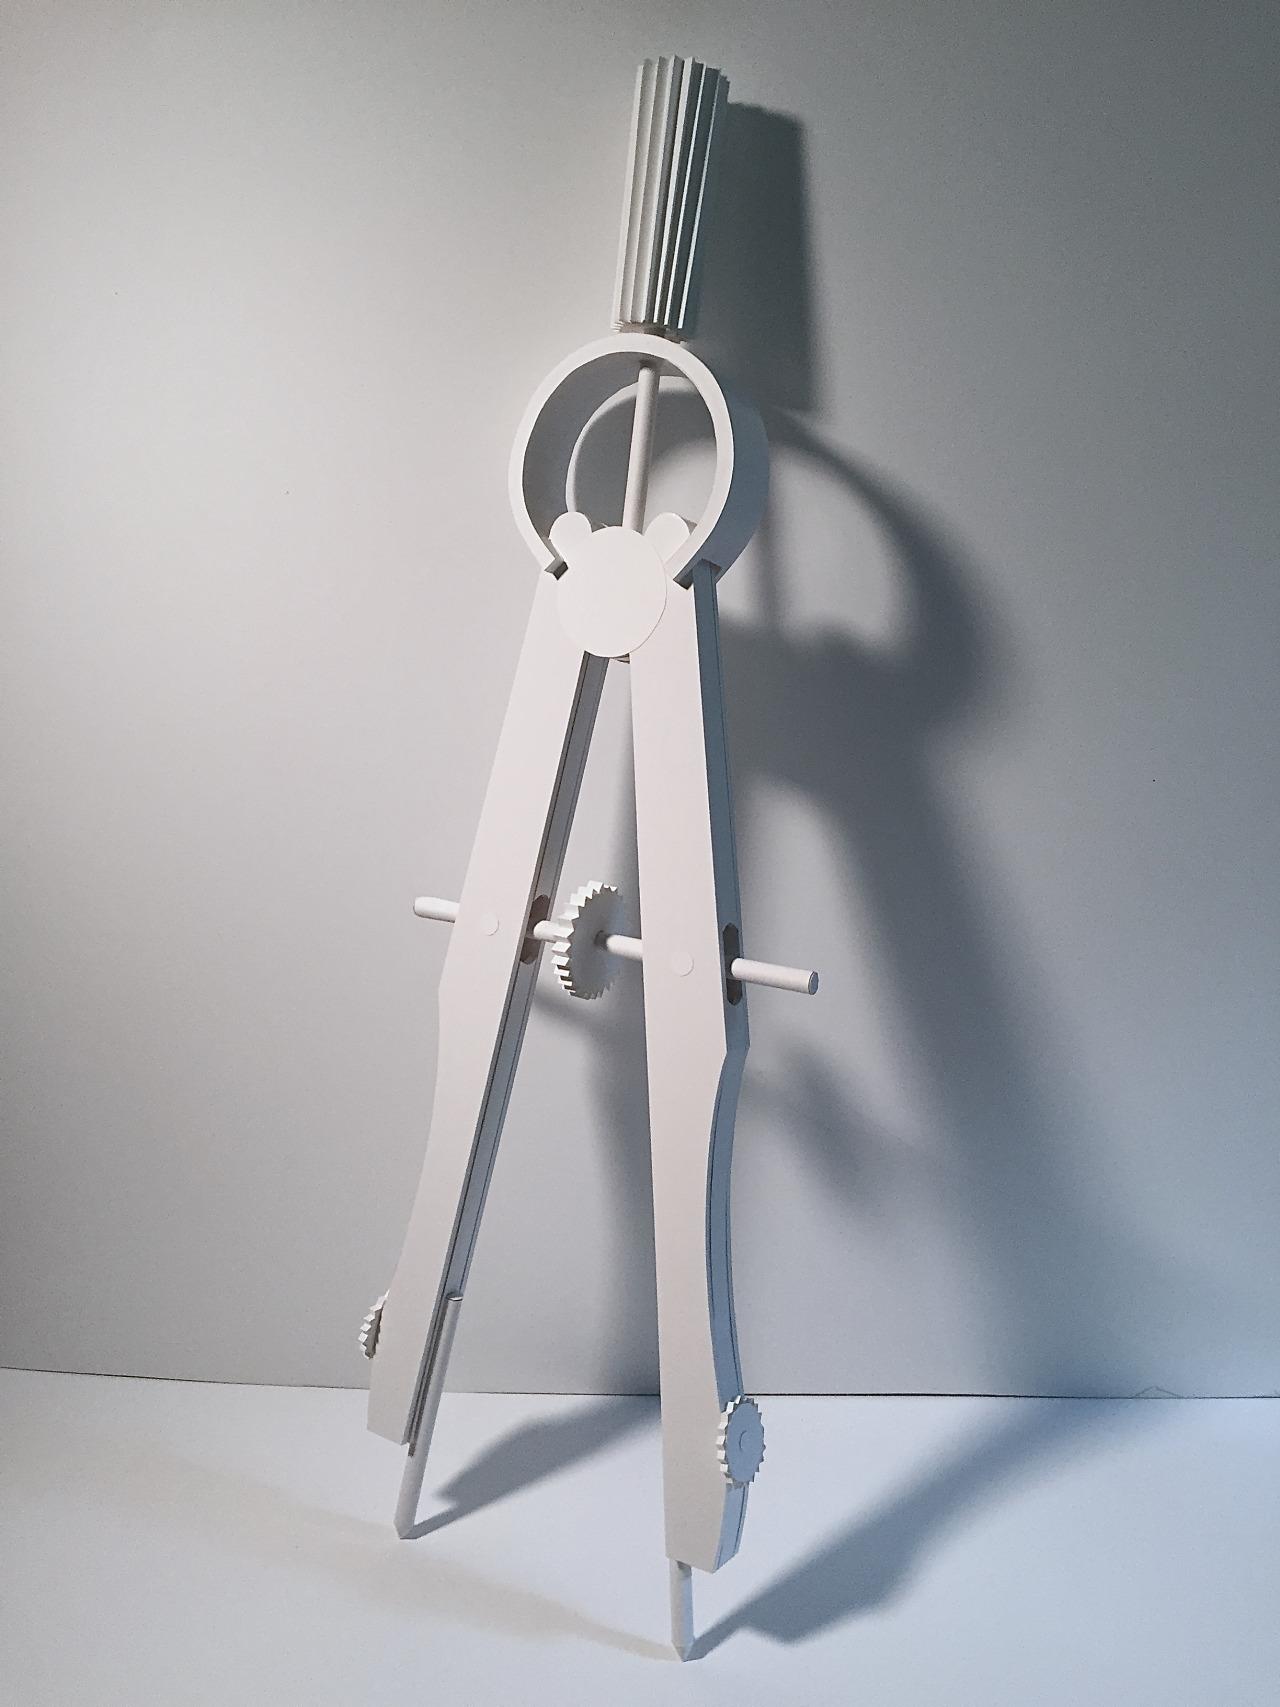 3D | James Vance Studio